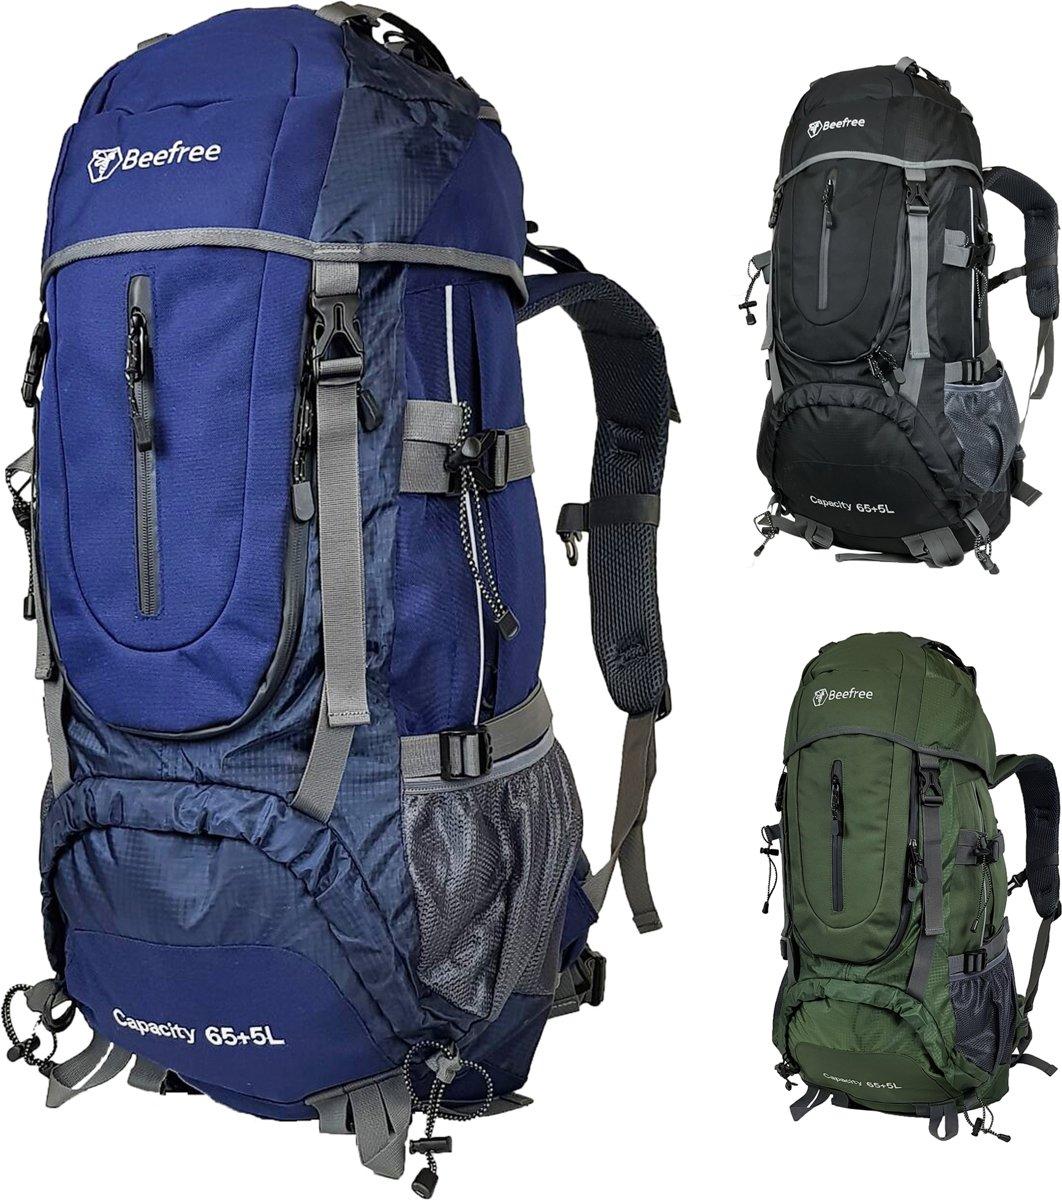 809dfa4eec4 ... Beefree 70 Liter nylon Backpack - Blauw   Inclusief regenhoes    Frontlader - Beefree ...